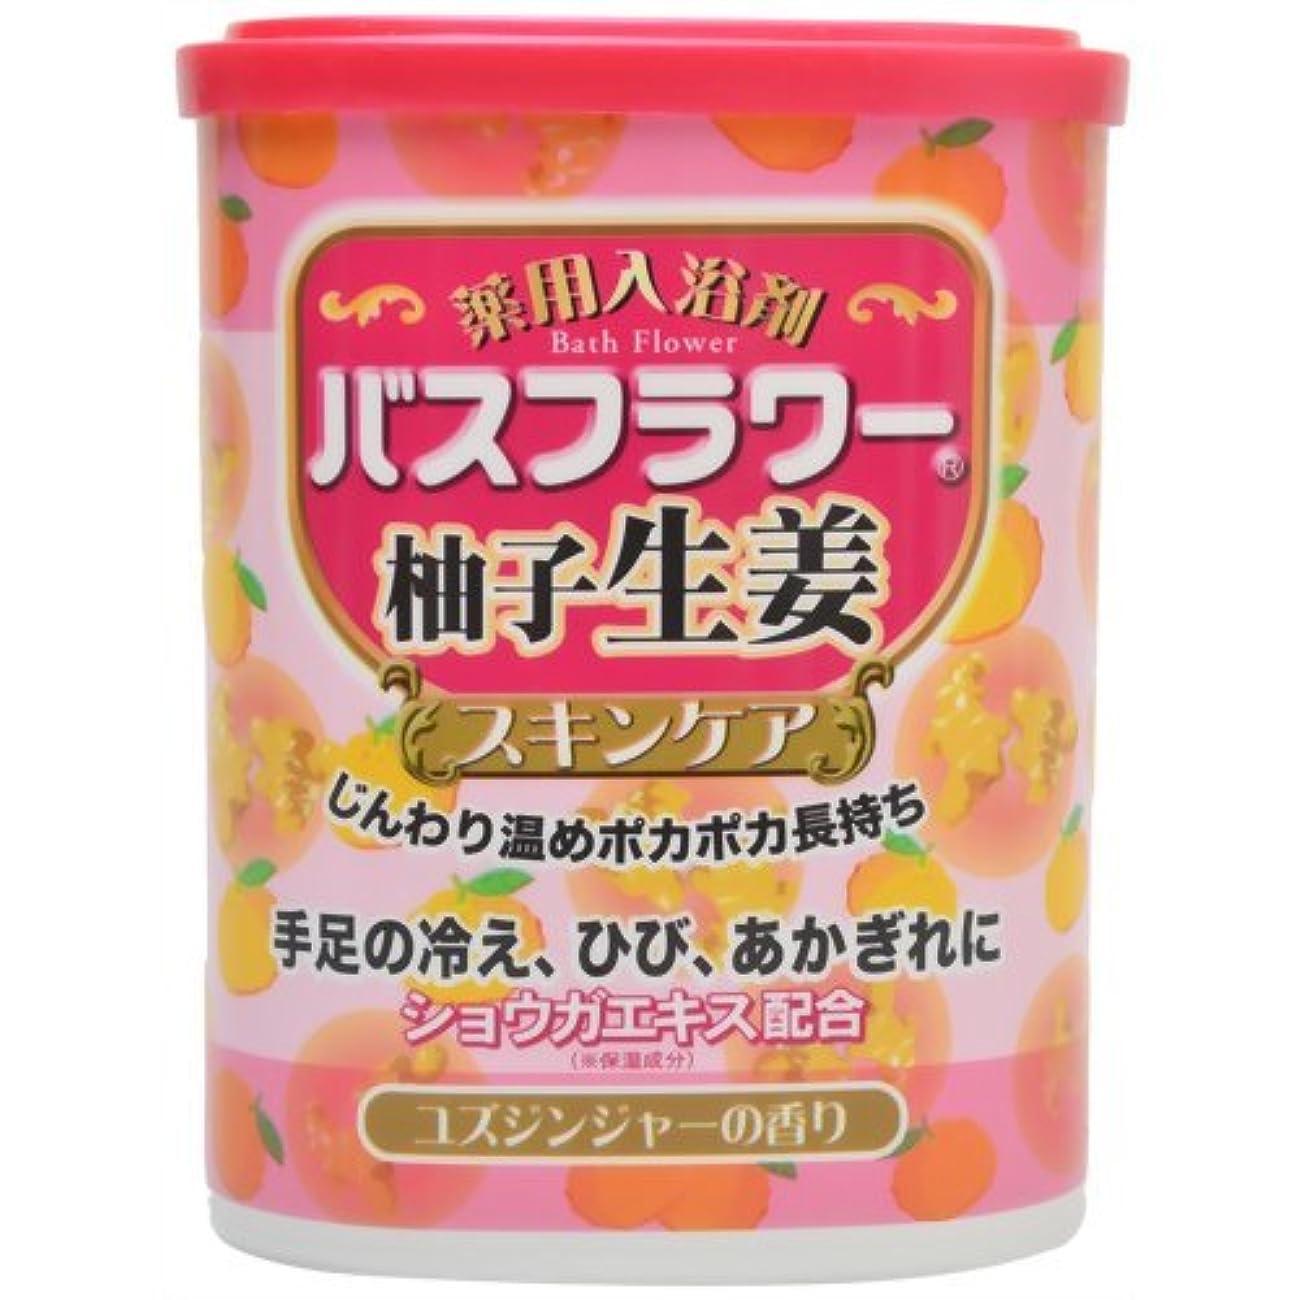 ベッツィトロットウッド専門知識第九バスフラワー 薬用入浴剤スキンケア柚子生姜 680g